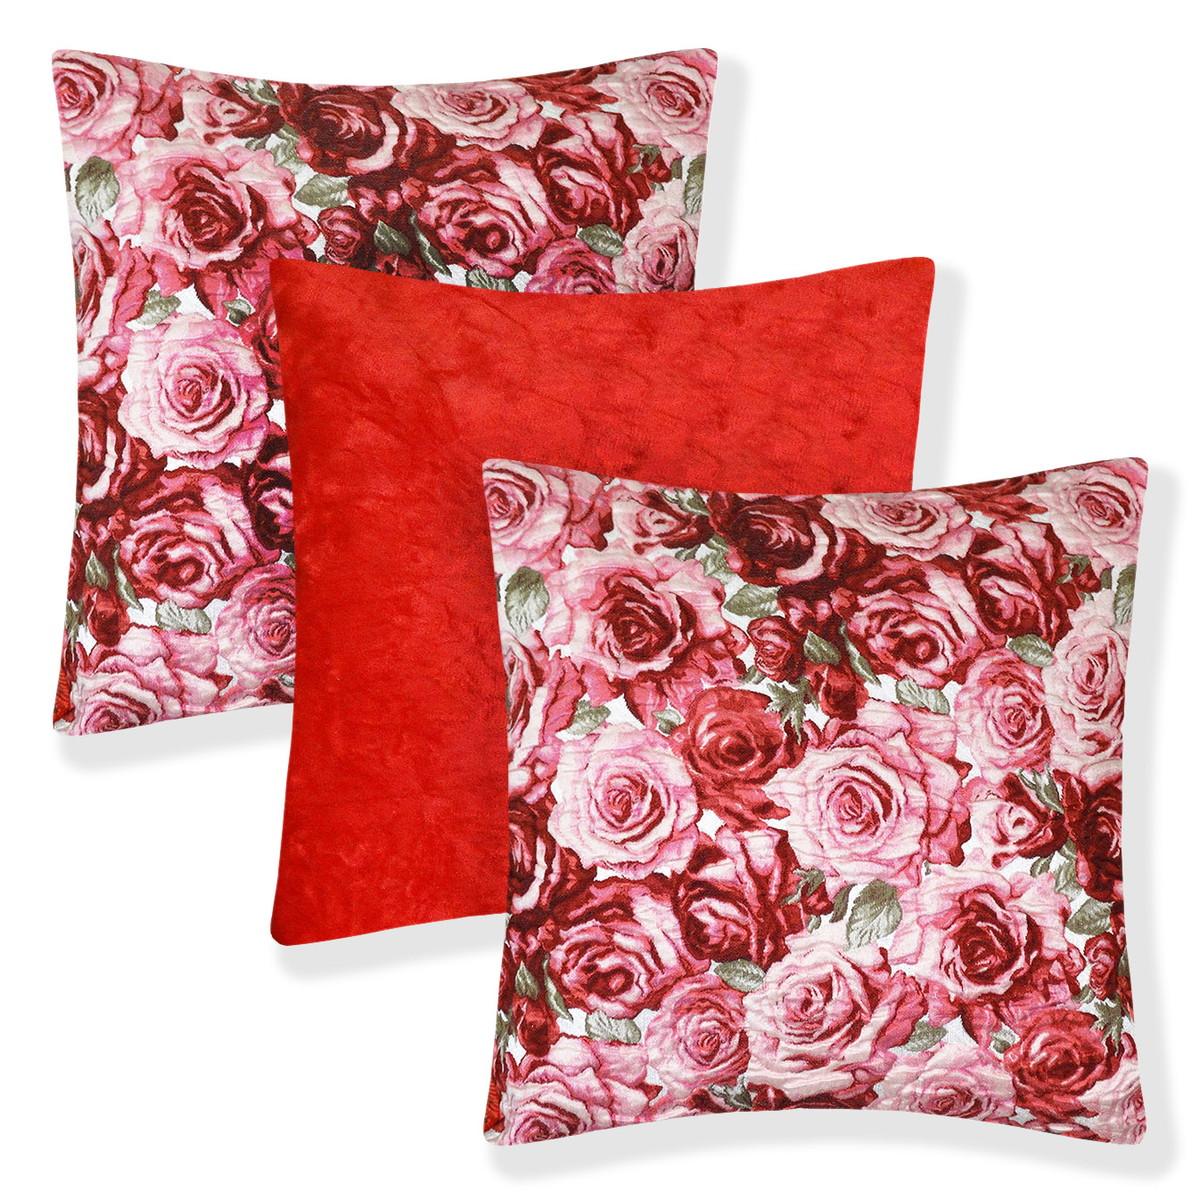 f210bb2b0d23f7 3 Almofadas Rosas Relevo Lisa Vermelha c/ Enchimentos Fibra